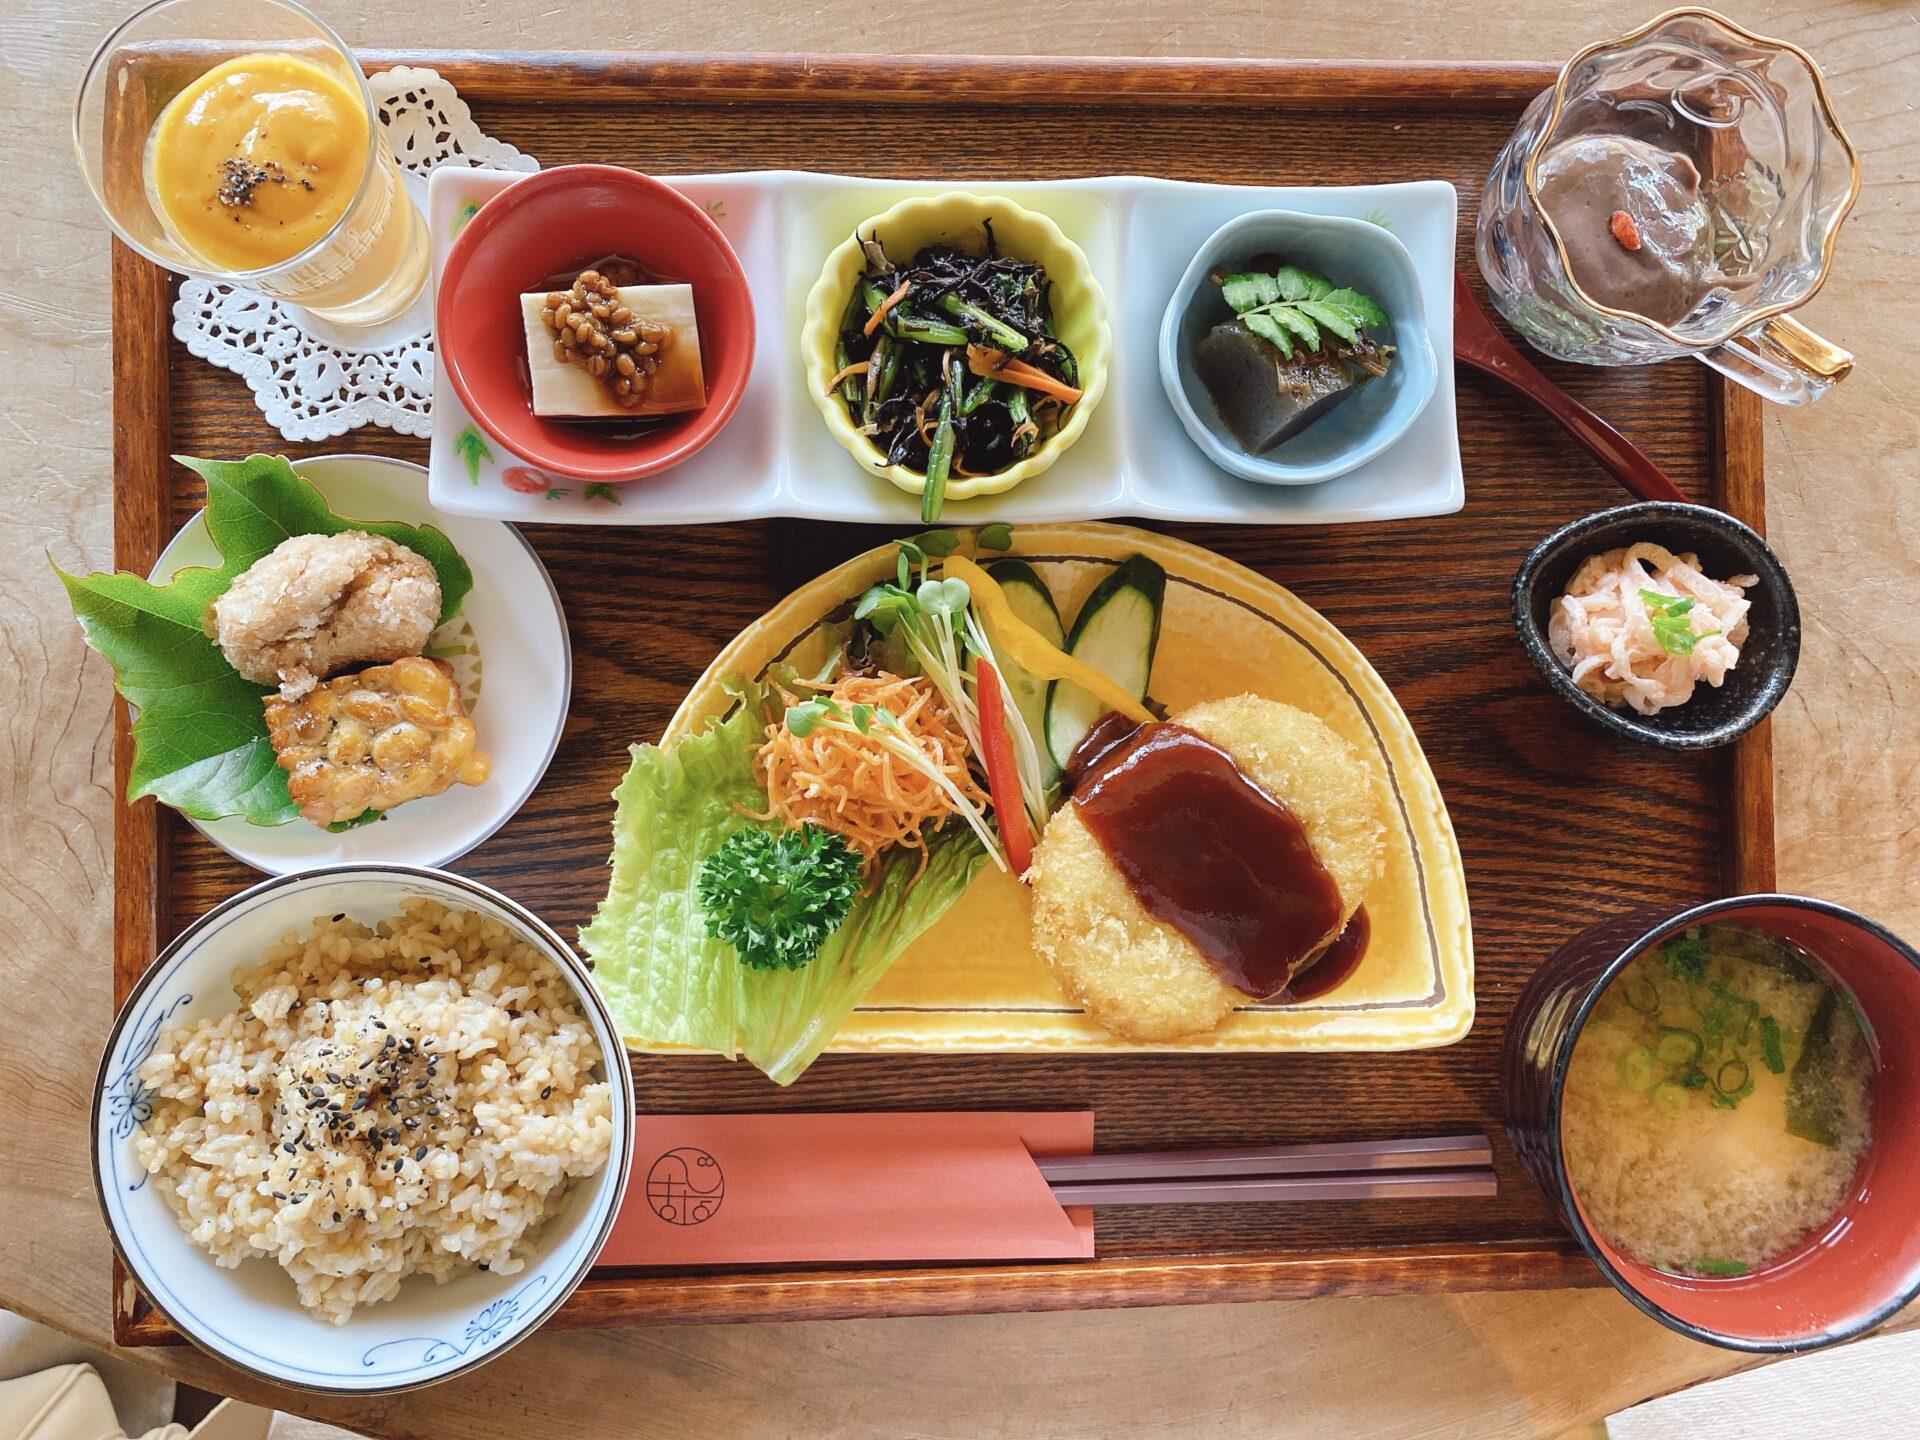 岡山の古民家カフェまとめ 品数多いこだわりのランチが素敵な空間で食べられるお店!